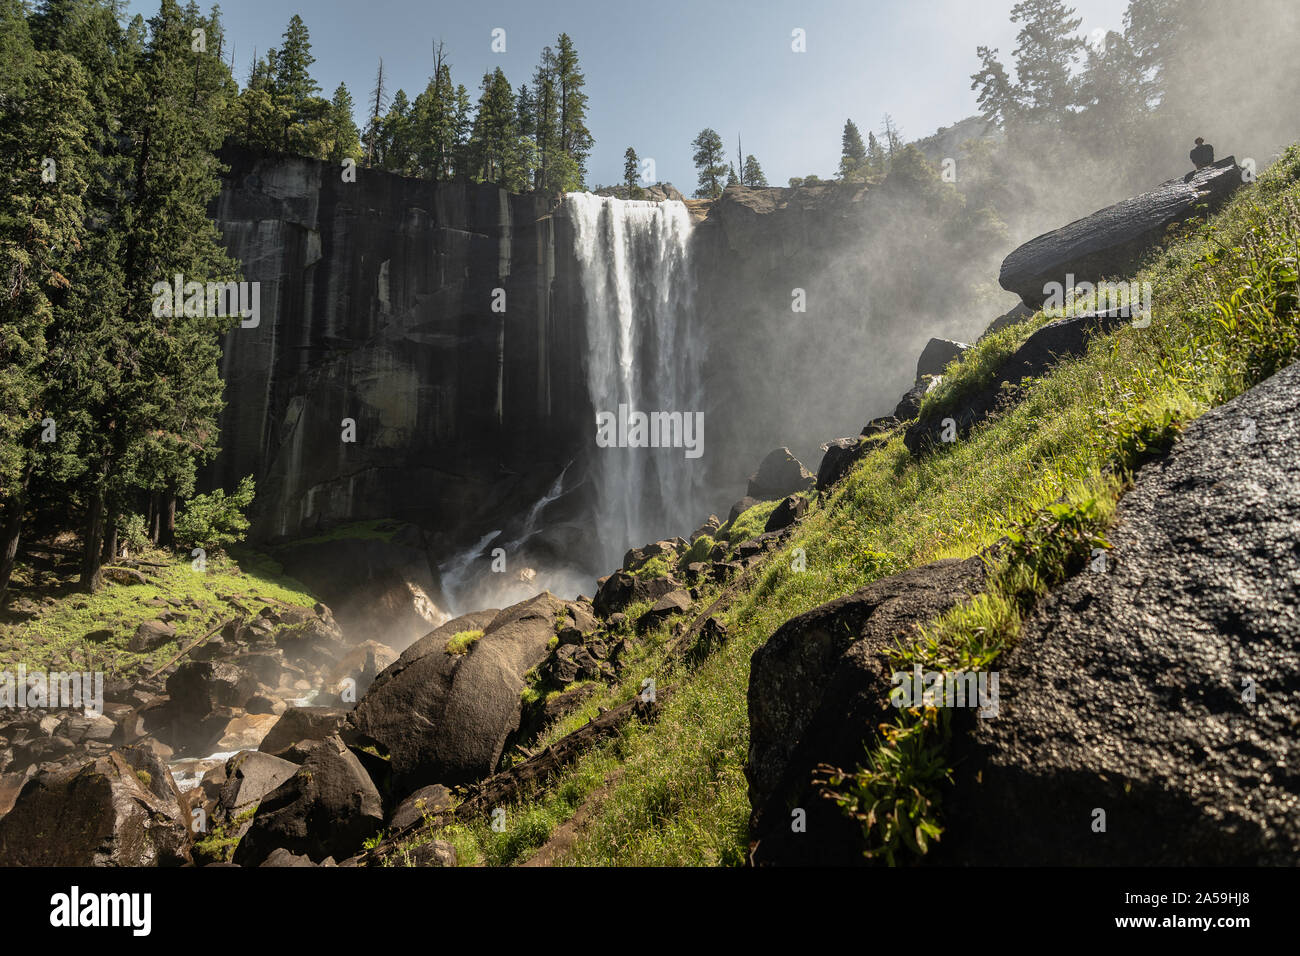 Parco Nazionale di Yosemite Cascata Nevada in California Foto Stock